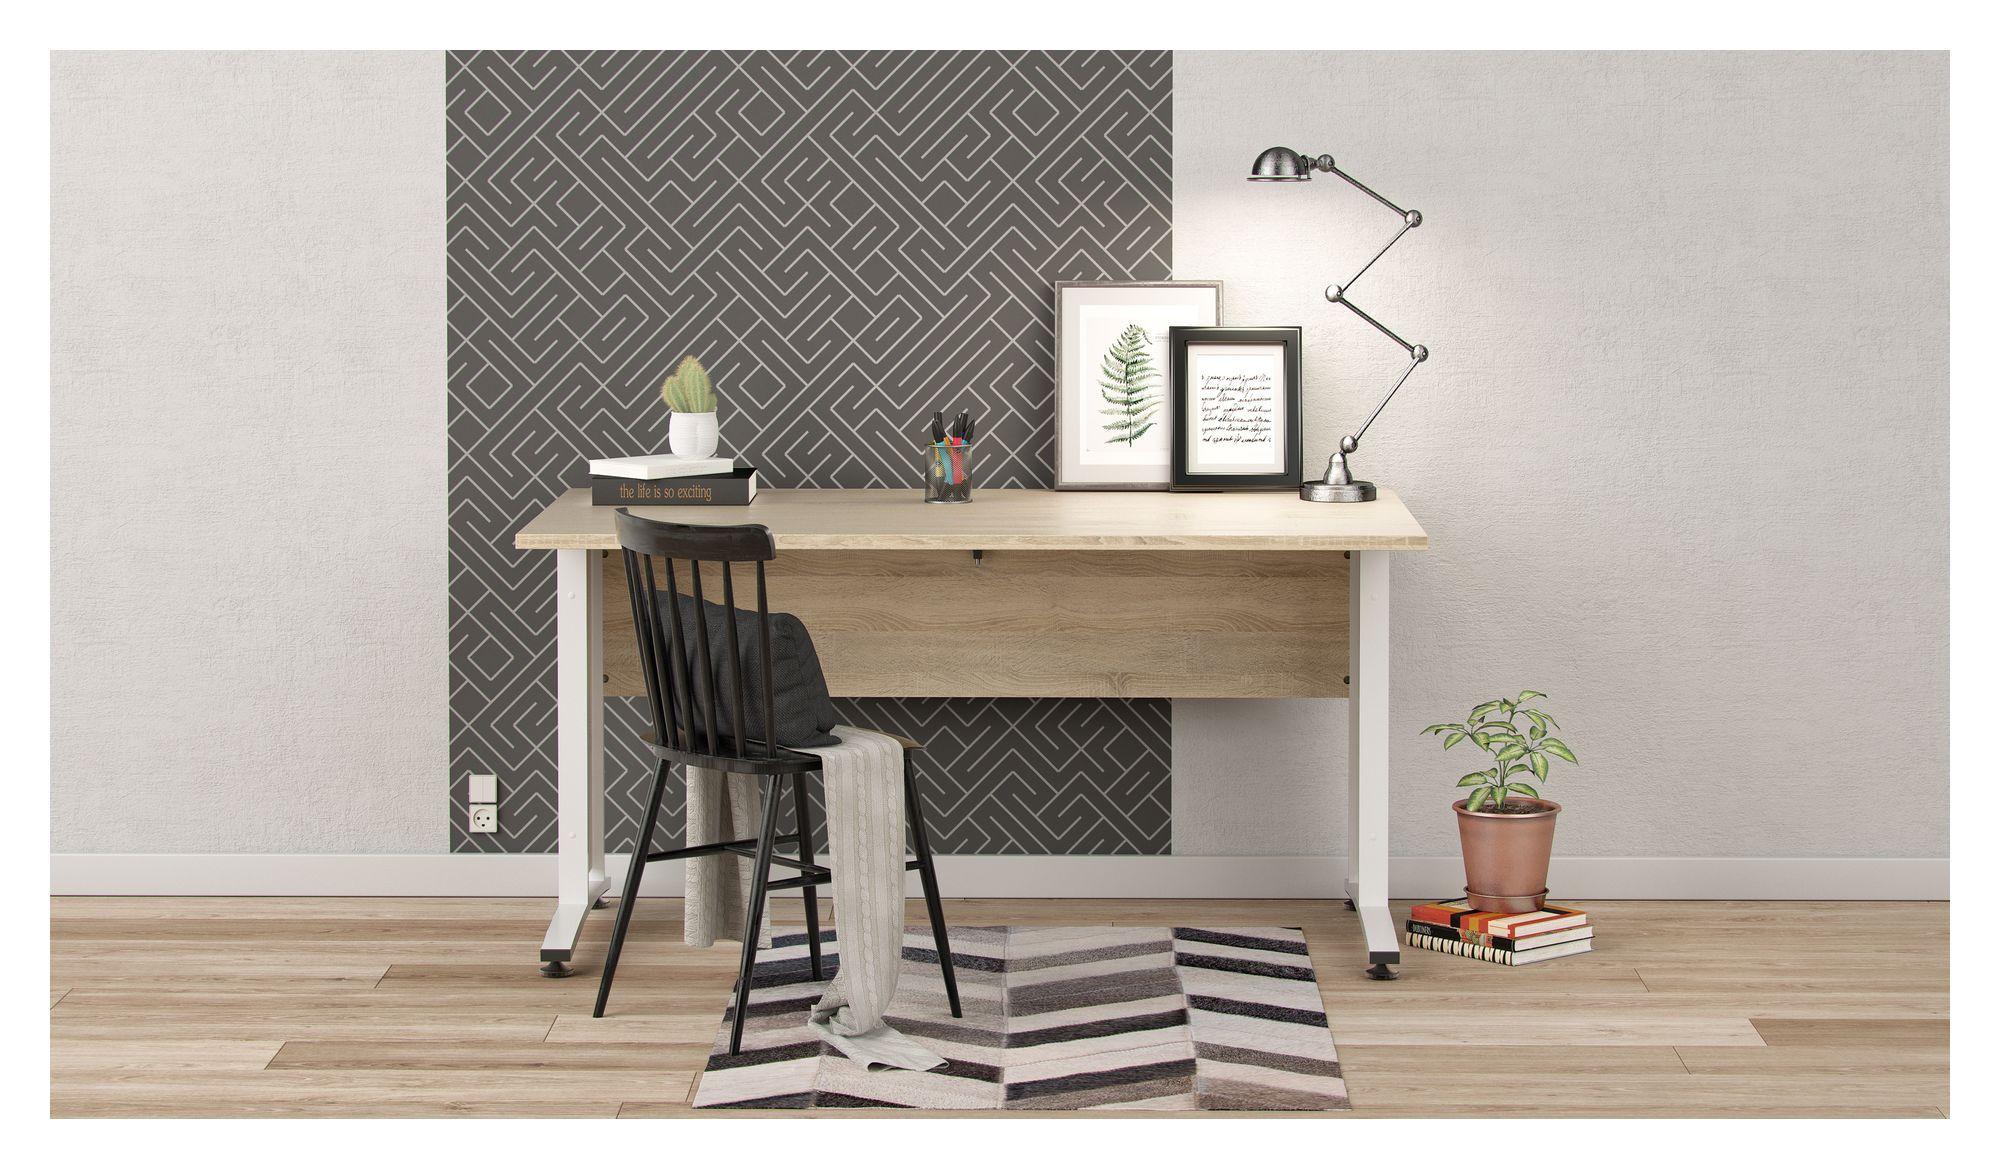 Prima Skrivebord - Lys træ 150cm m/hvide ben - Klassisk skrivebord i egetræslook